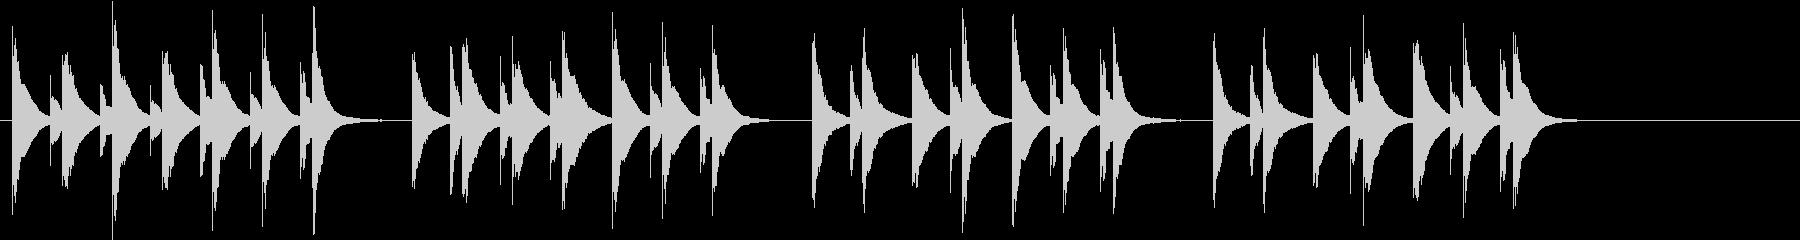 木琴の音で作ったほのぼのとした短い曲の未再生の波形